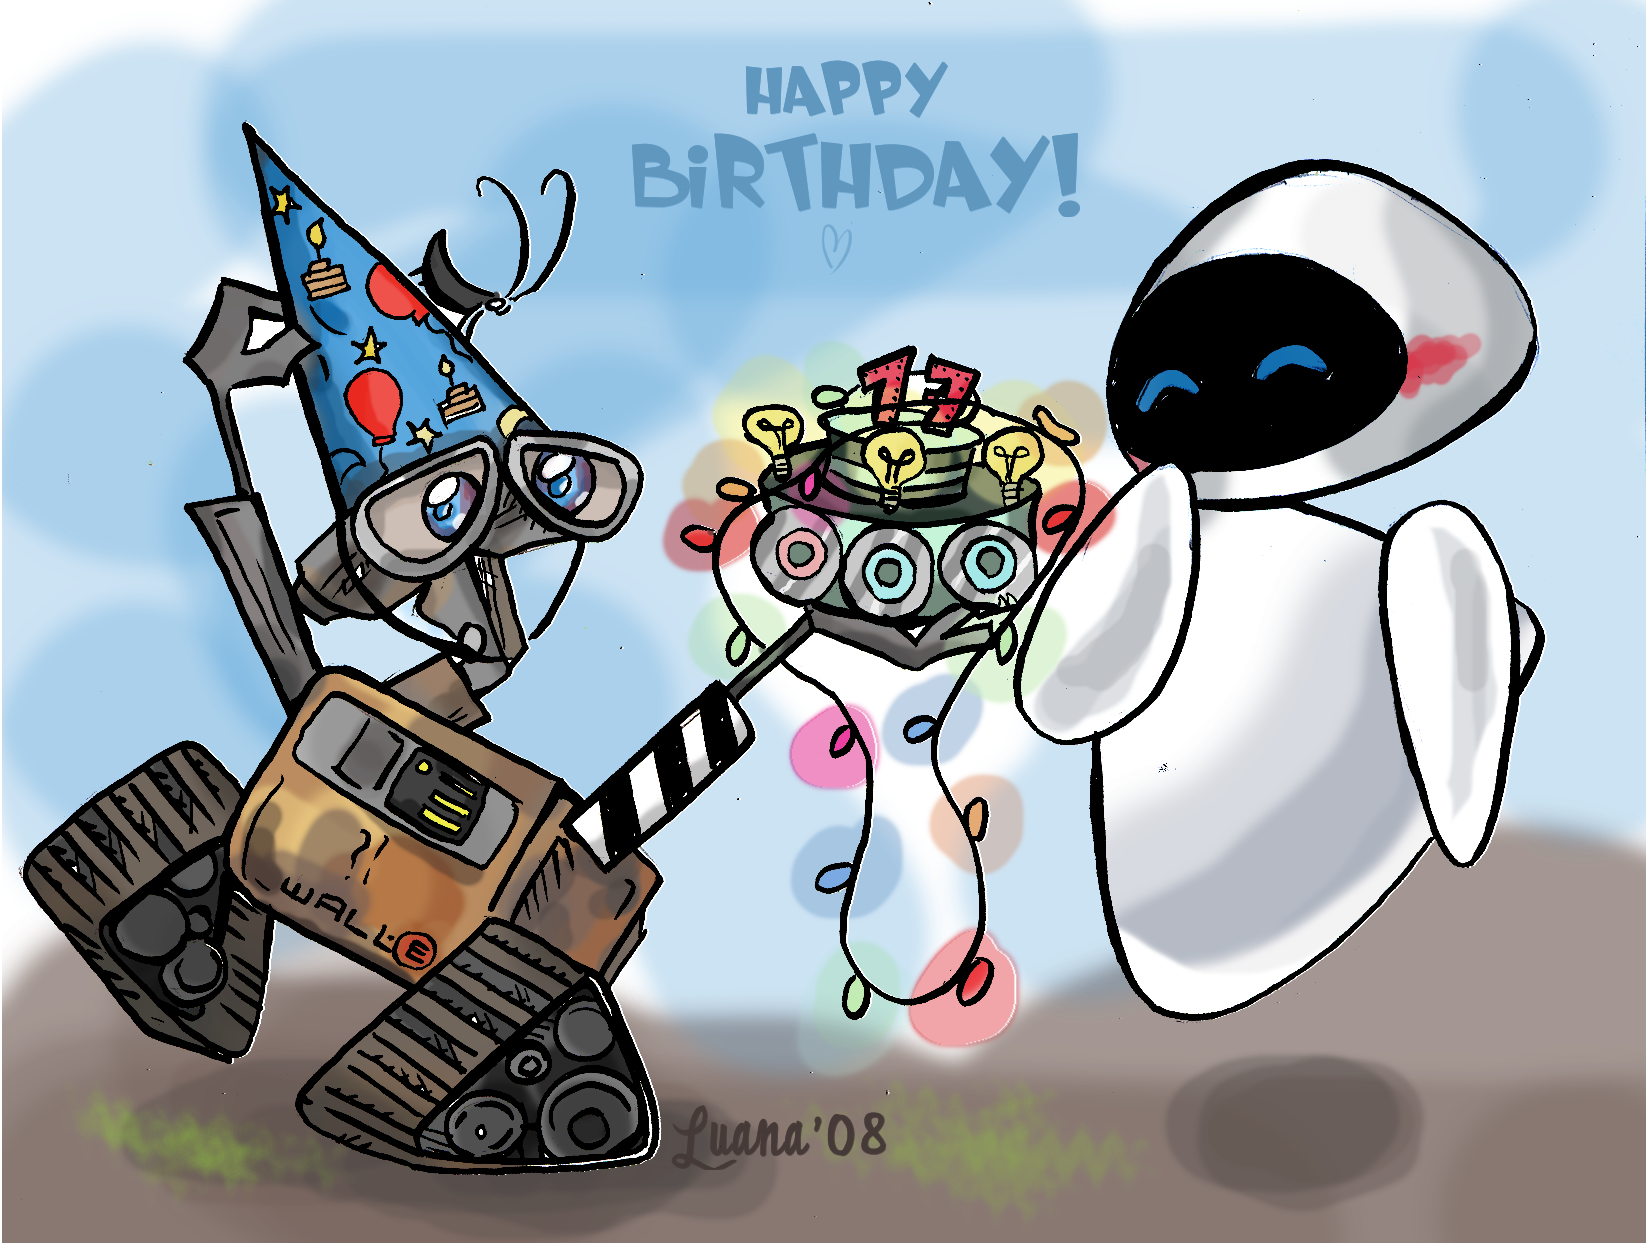 Happy Birthday Wall E